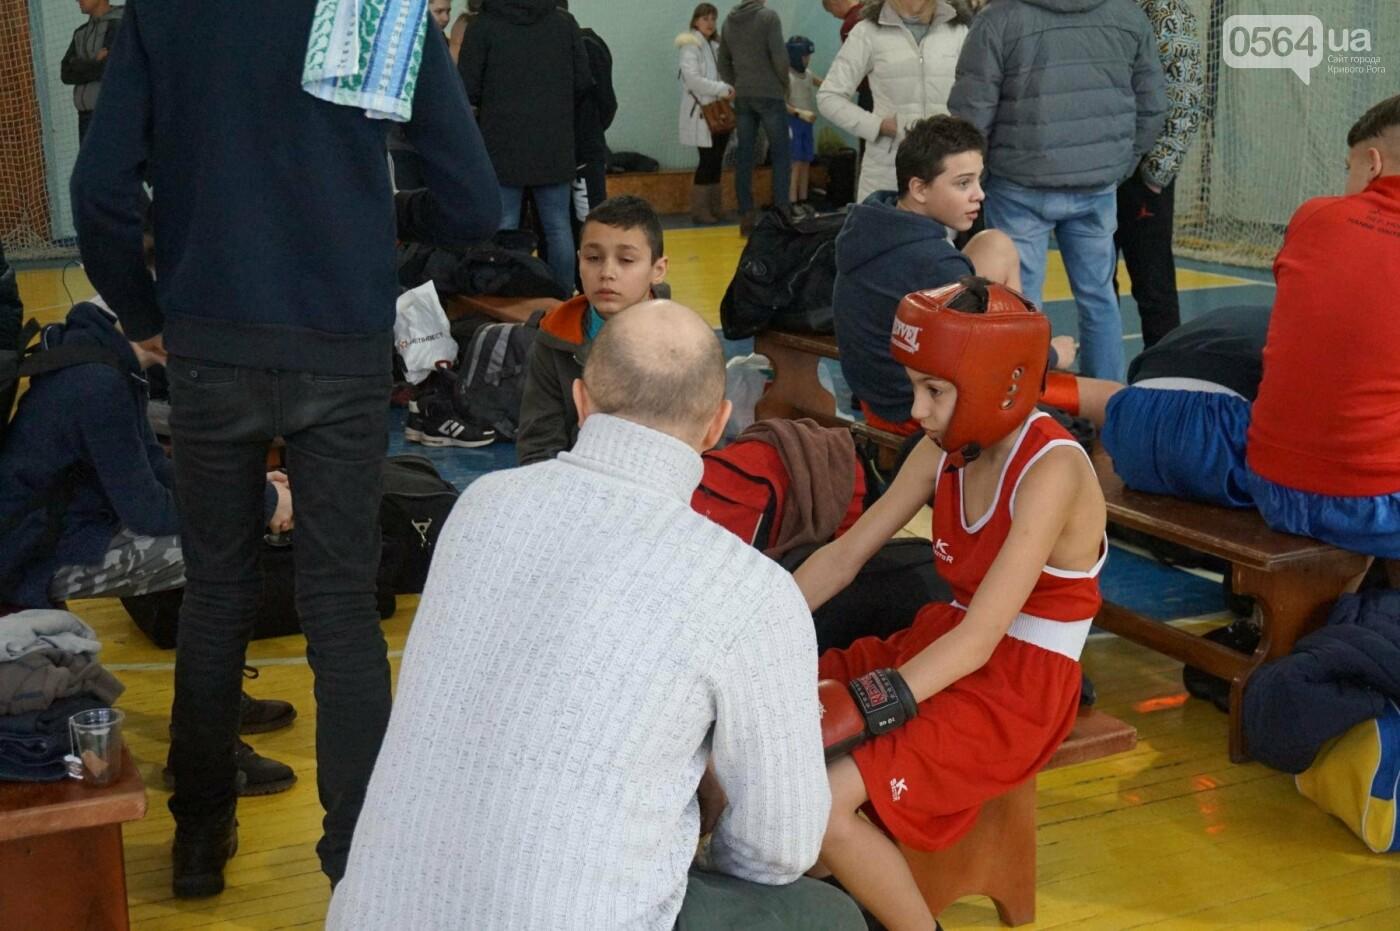 В Кривом Роге состоялся Международный турнир по боксу (ФОТО, ВИДЕО), фото-47